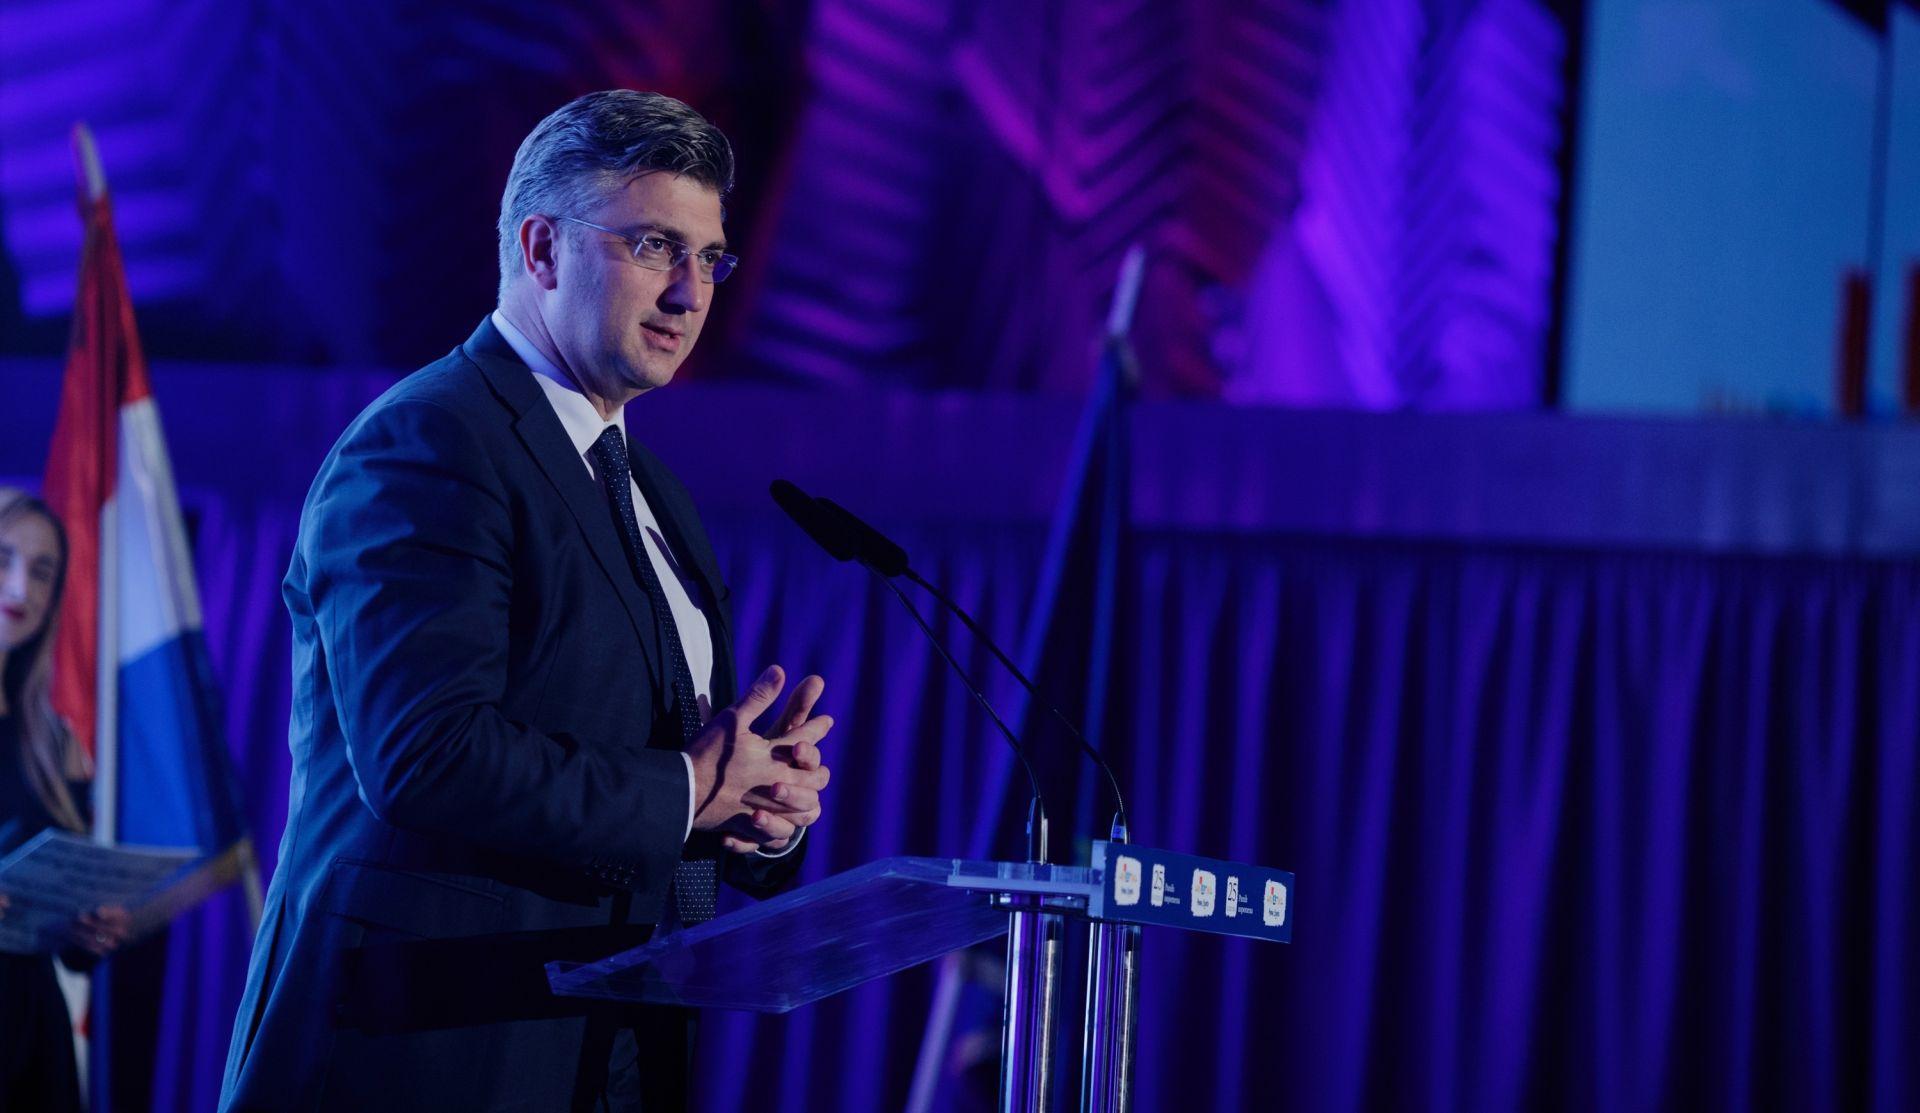 """STRASBOURG Plenković: """"Naše europsko susjedstvo – veliki sigurnosni i politički izazovi"""""""